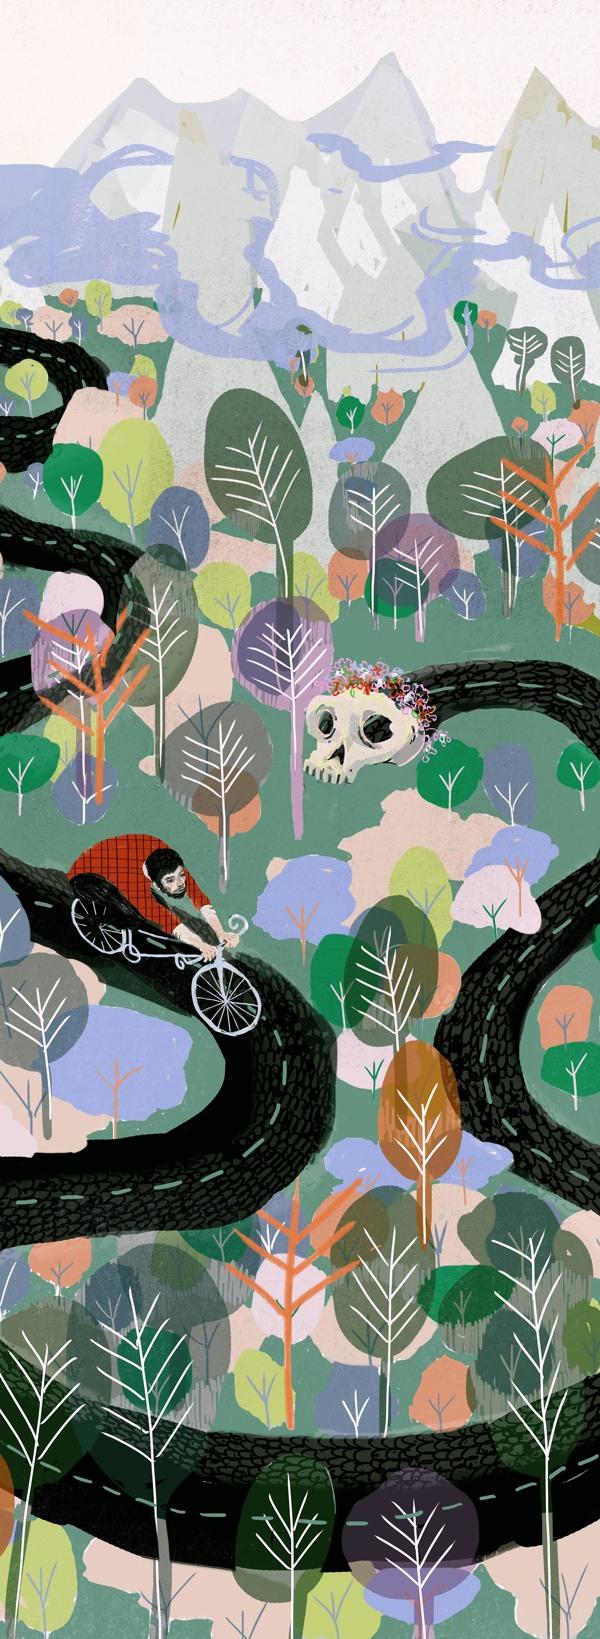 Monty - Art by Victoria Borges